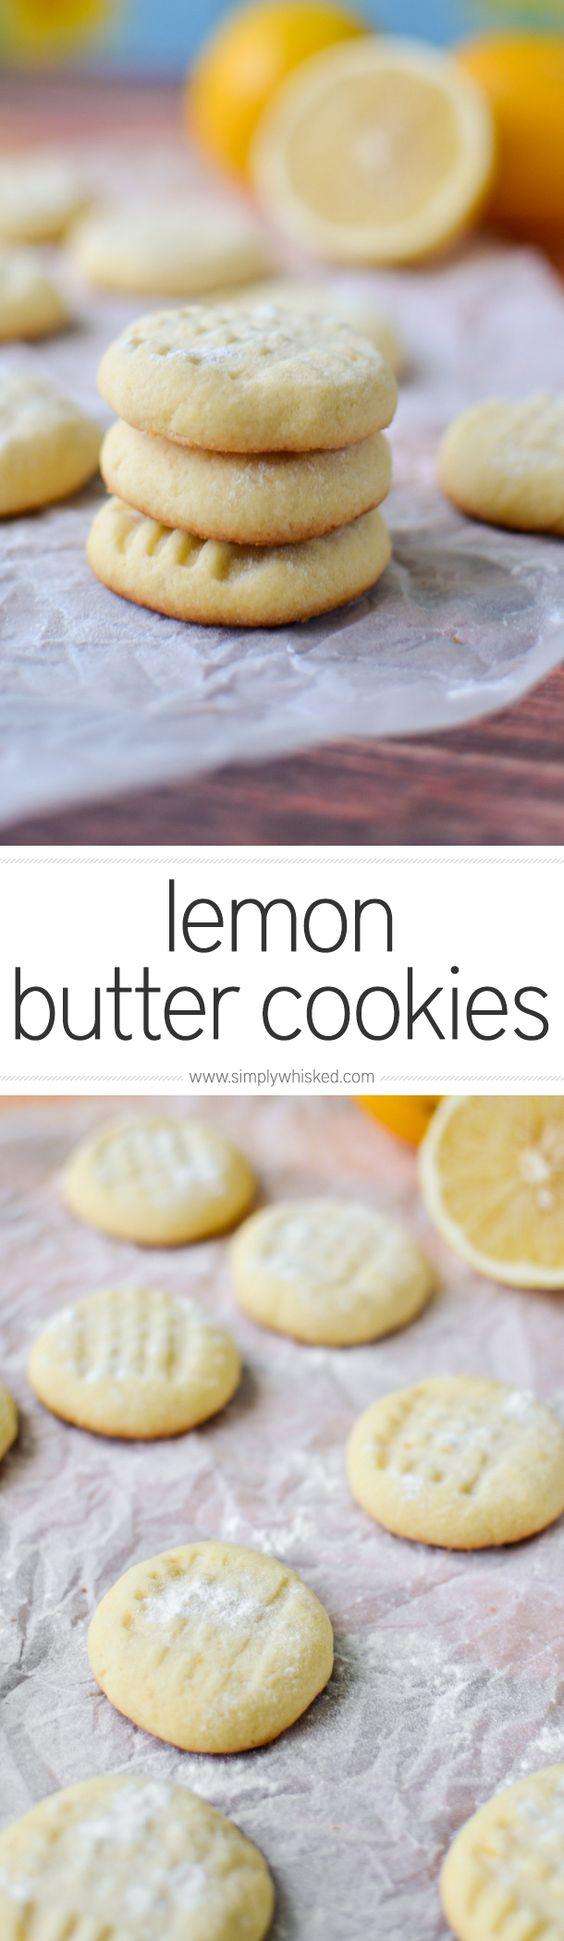 cookies simplywhisked cookies oooh and more lemon butter lemon cookies ...